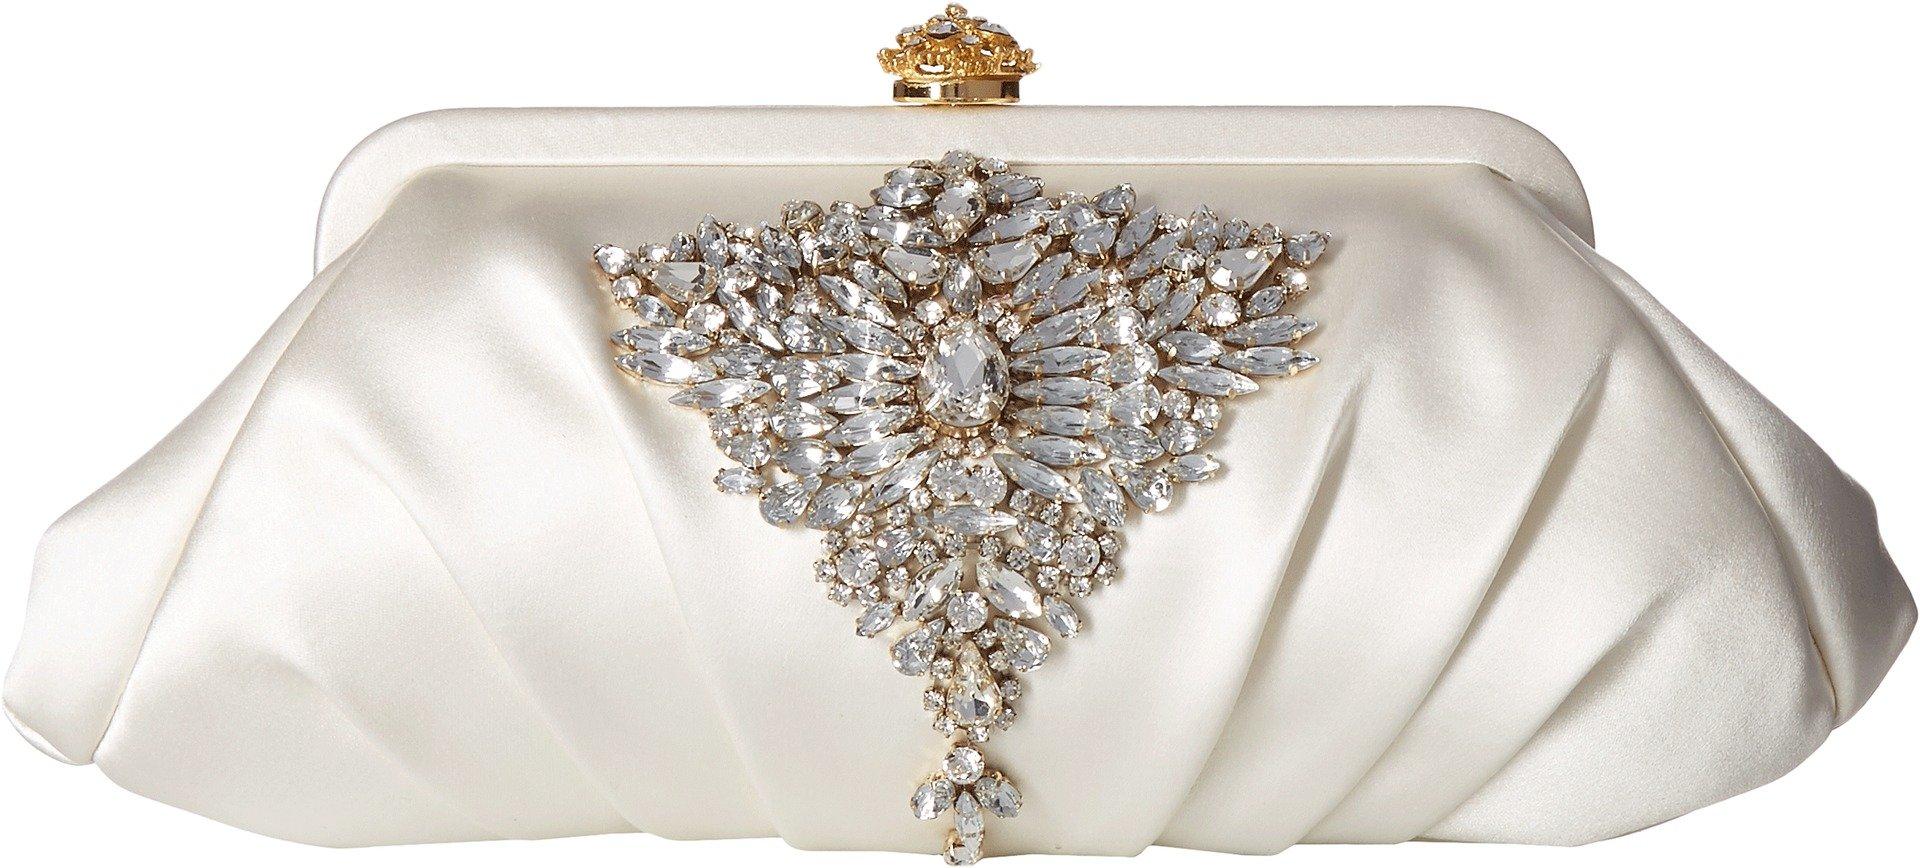 Badgley Mischka Women's Gem Clutch White One Size